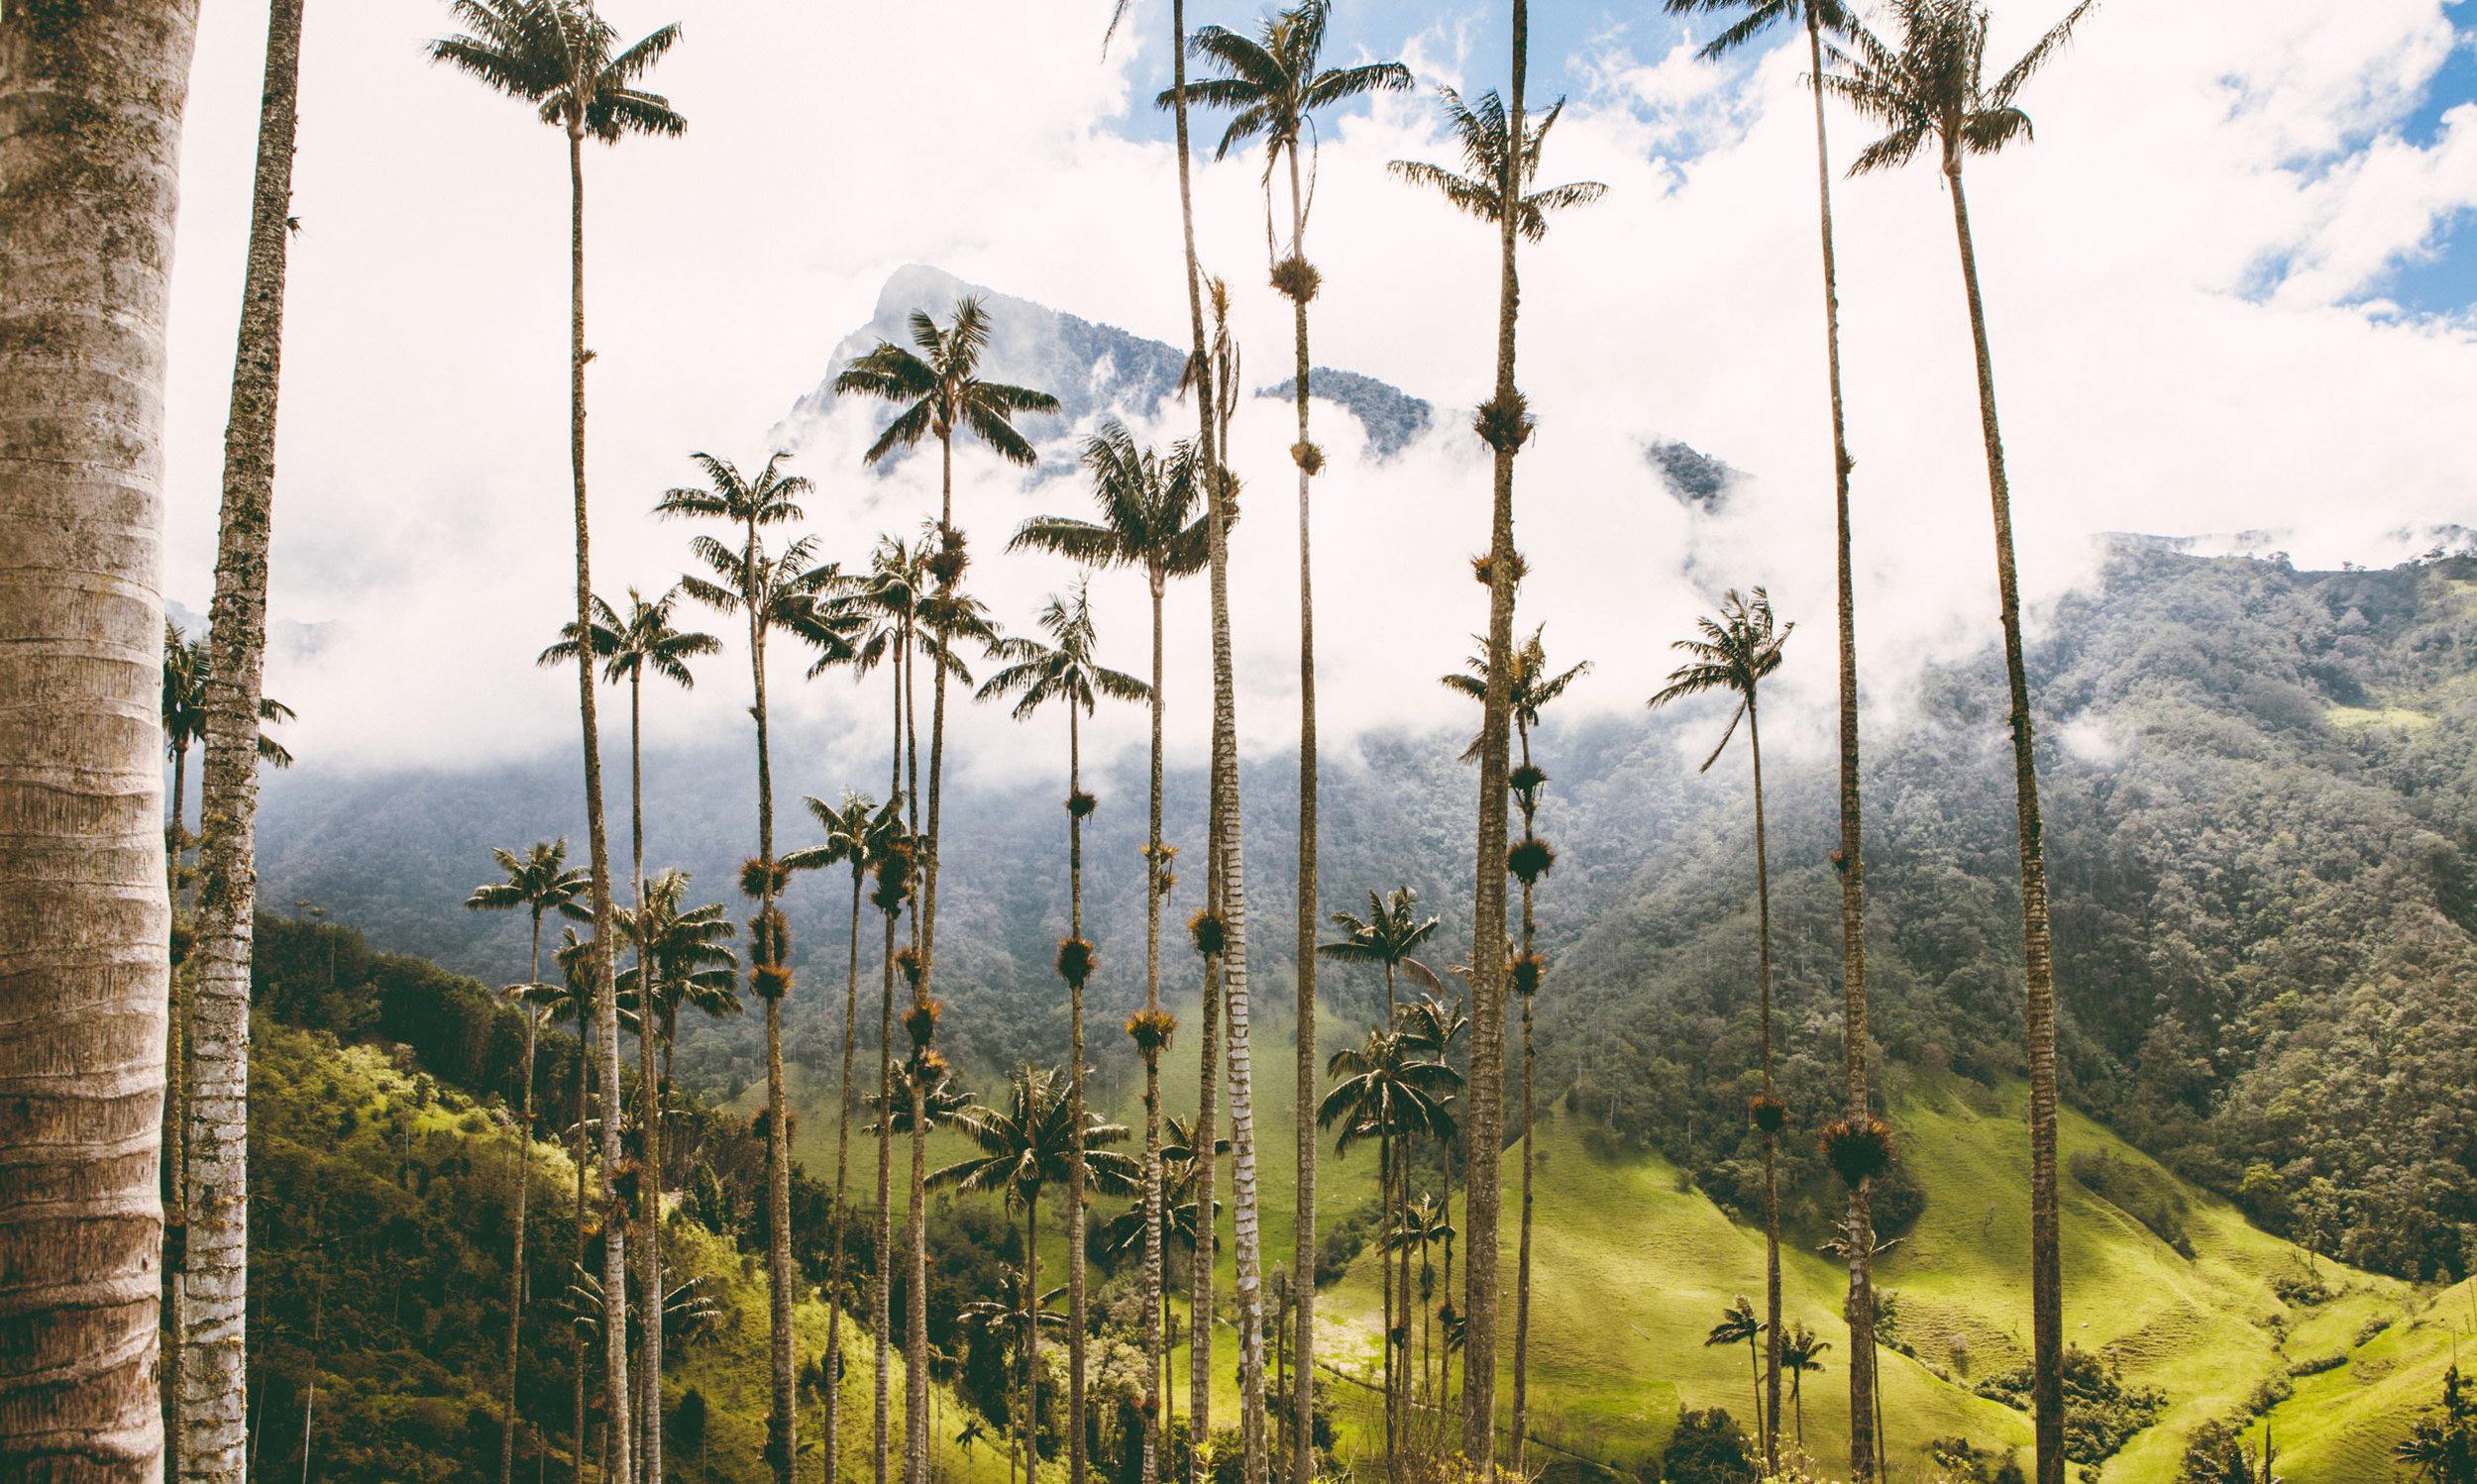 cocora-valley-colombia-wander-south-peak-1.jpg